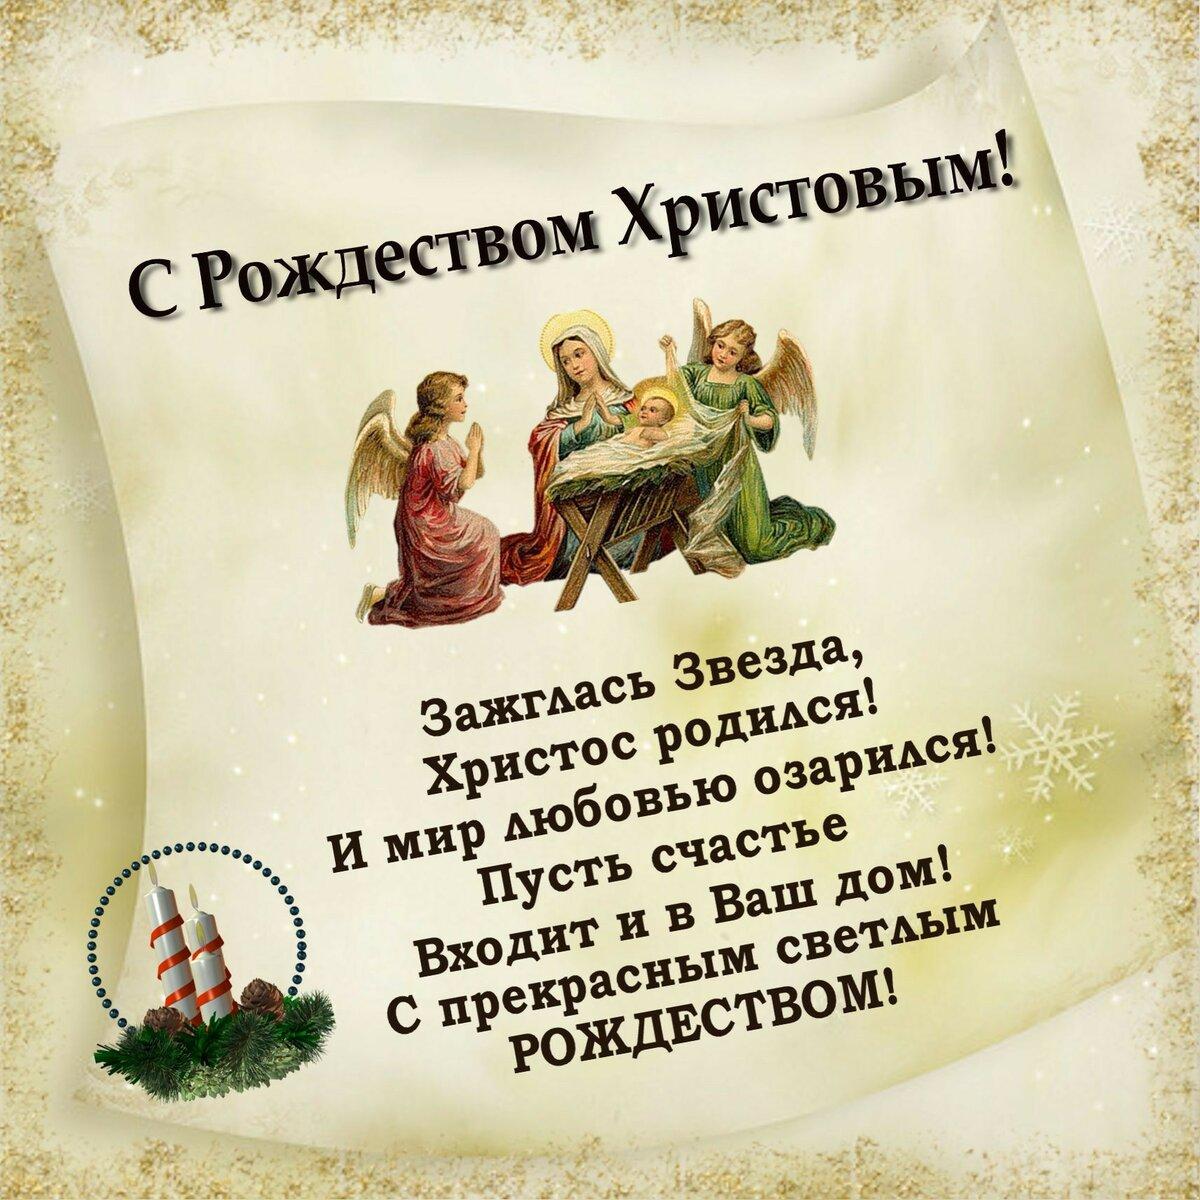 Поздравления с картинками с рождеством христовым, для открытки день